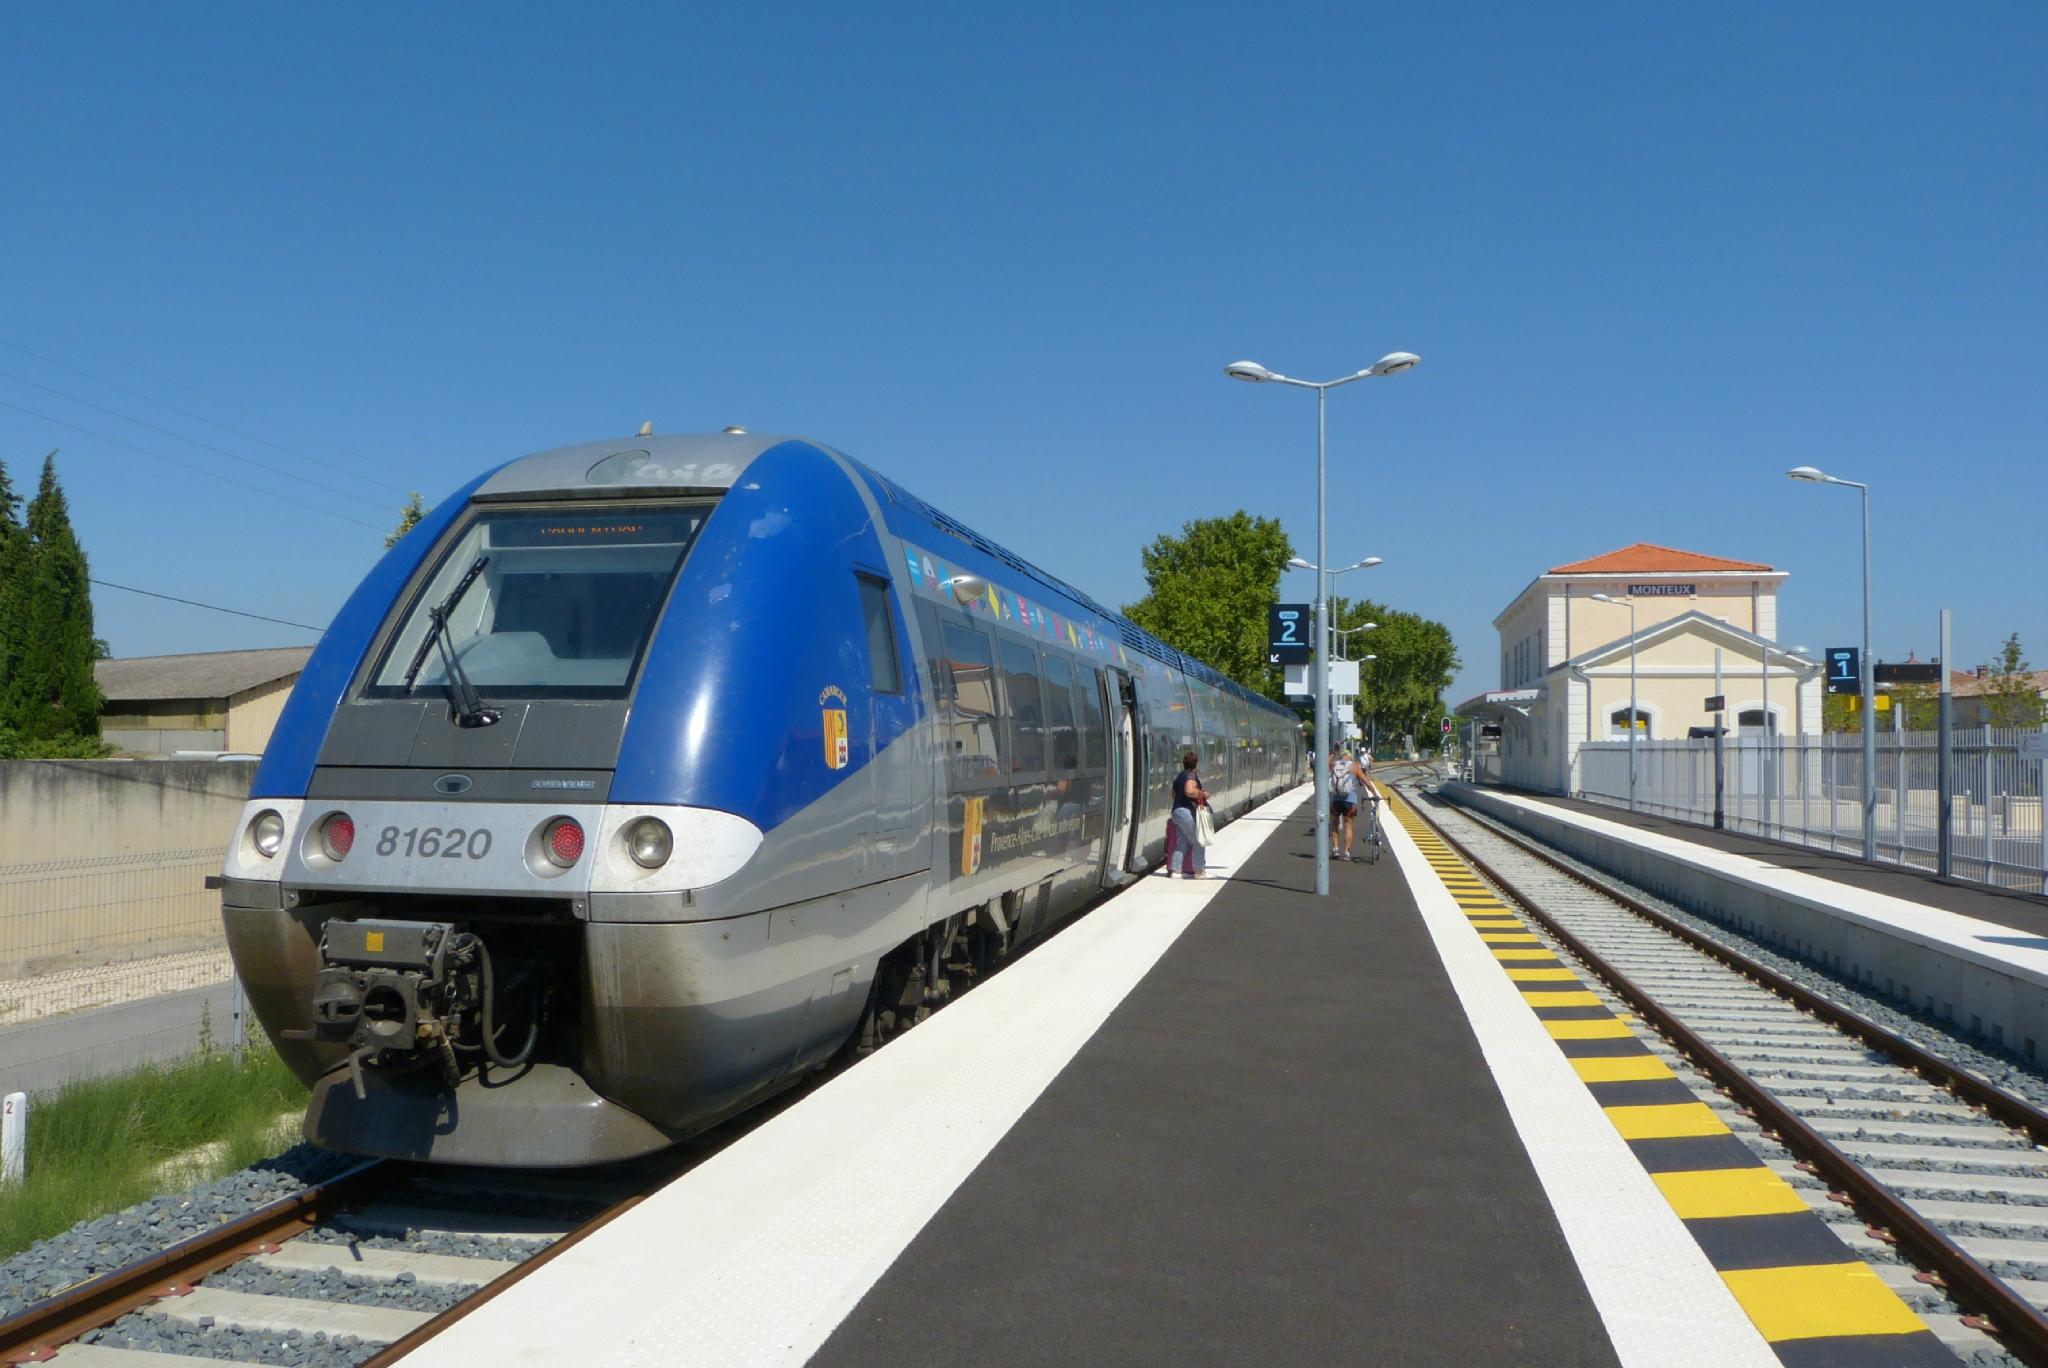 avignon zurich train